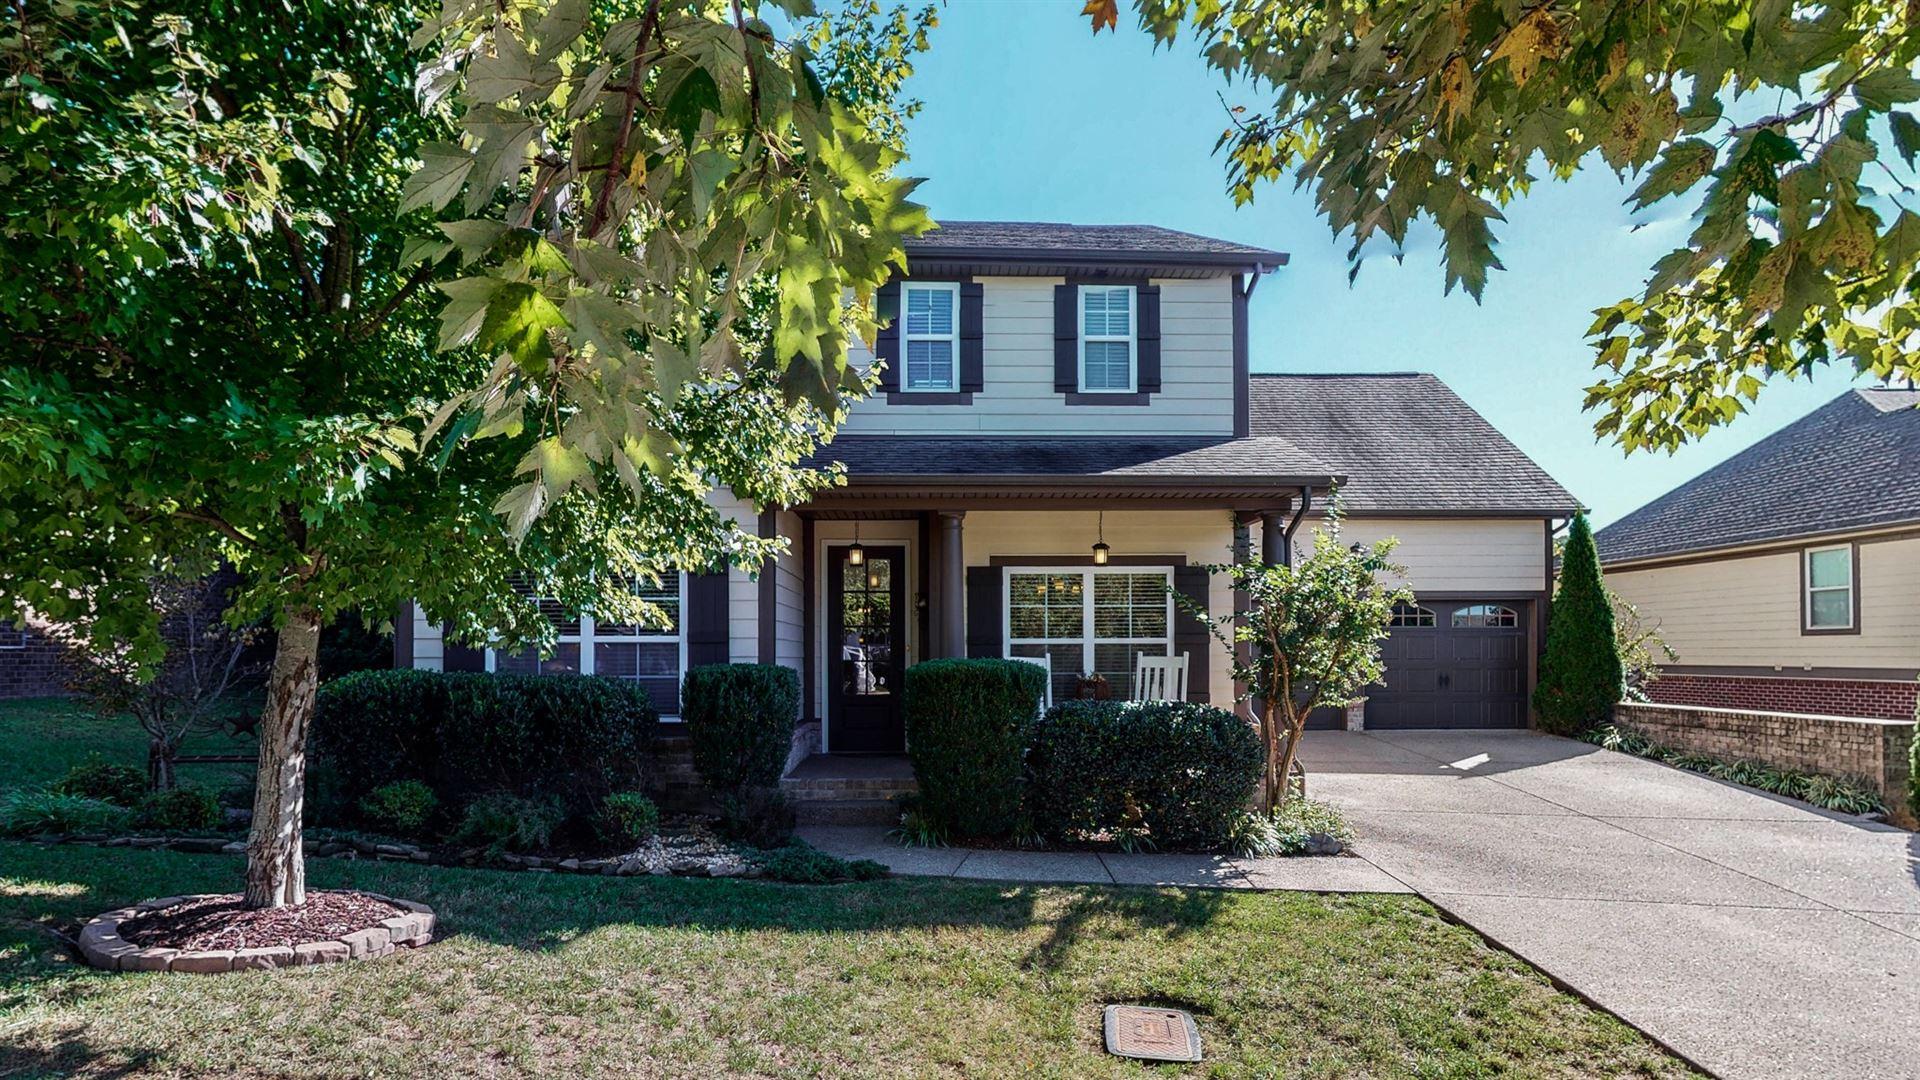 Photo of 345 Truman Rd, Franklin, TN 37064 (MLS # 2198601)